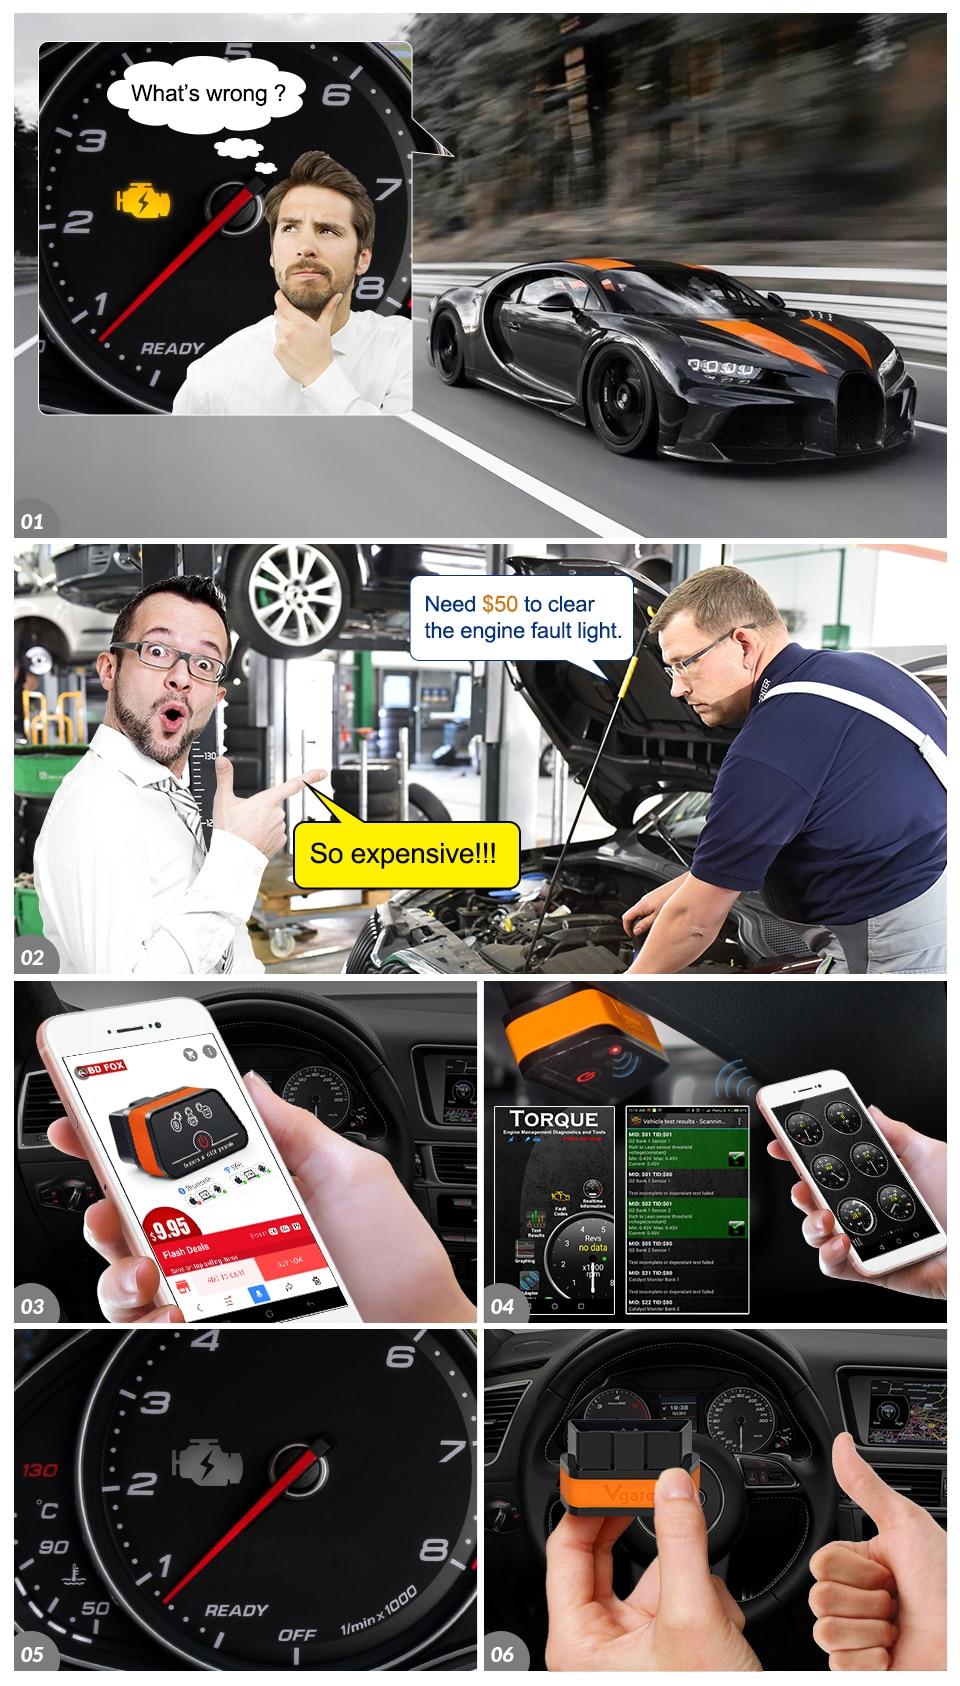 Vgate iCar 2 ELM327 Wifi/BT OBD2 диагностический инструмент для IOS iPhone/Android Icar2 Bluetooth-совместимый wifi ELM 327 OBD кодовый считыватель   Автомобили и мотоциклы   АлиЭкспресс